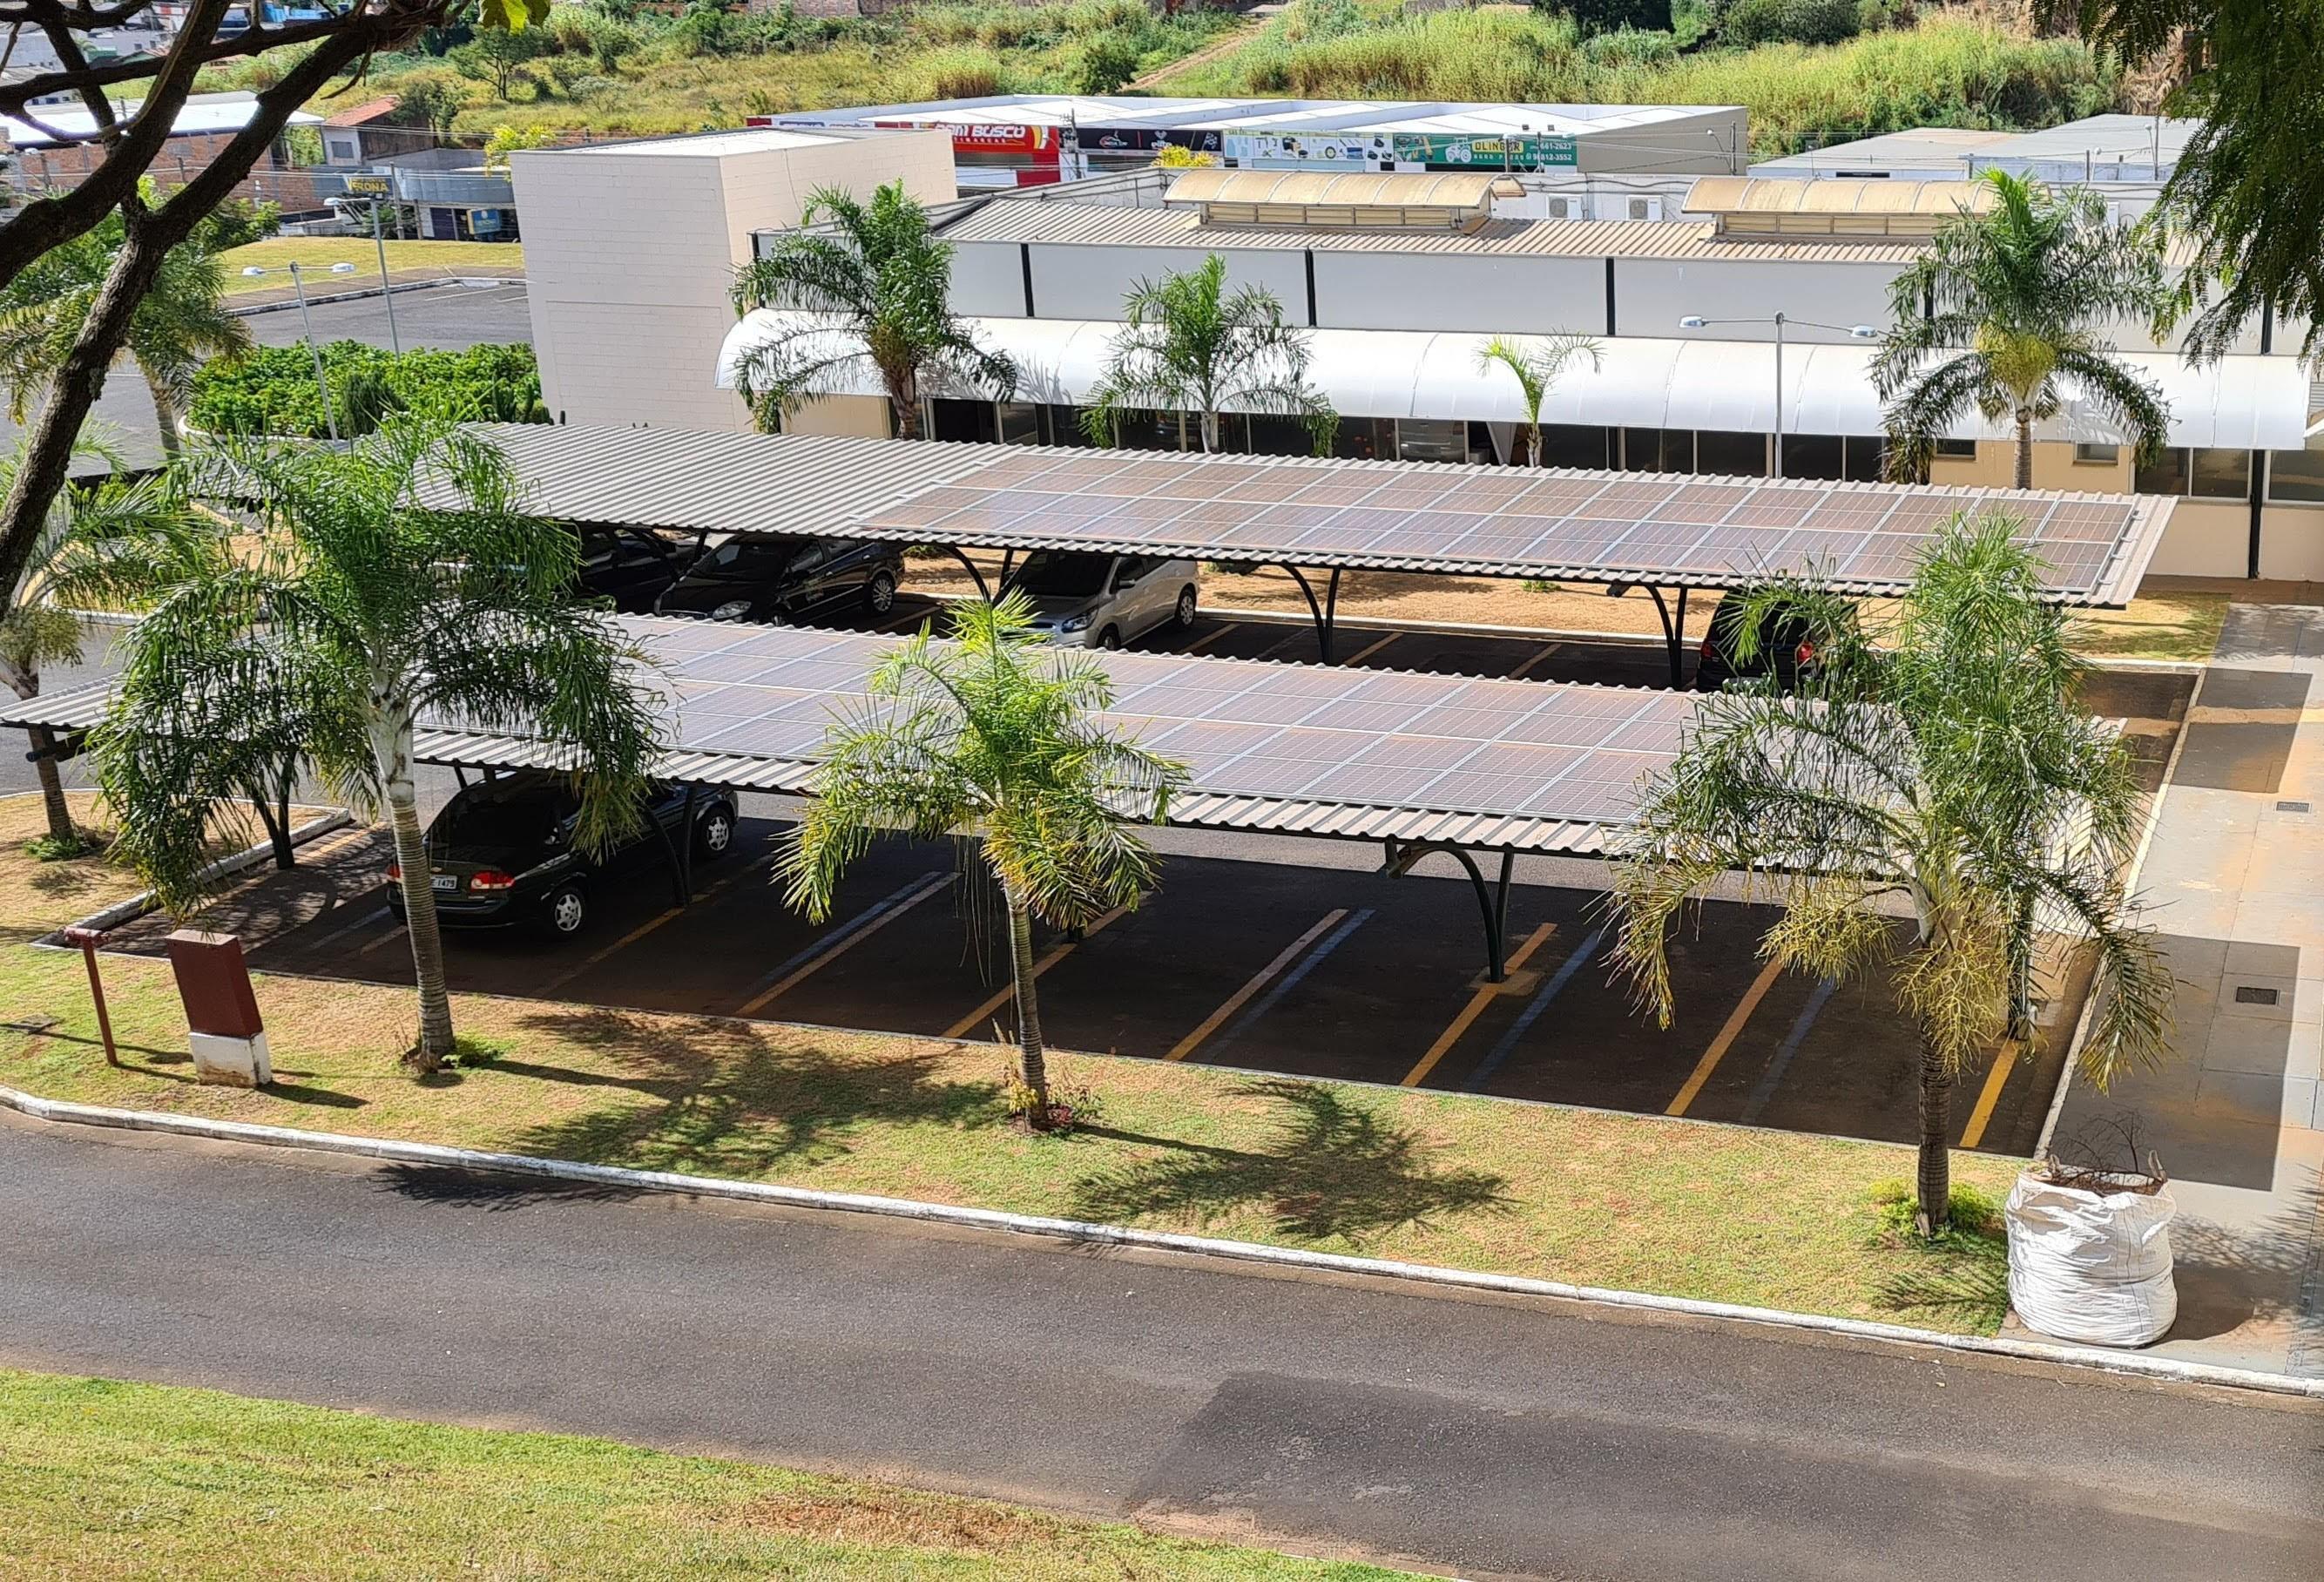 Câmara Municipal de Araxá instala usina fotovoltaica no estacionamento da instituição